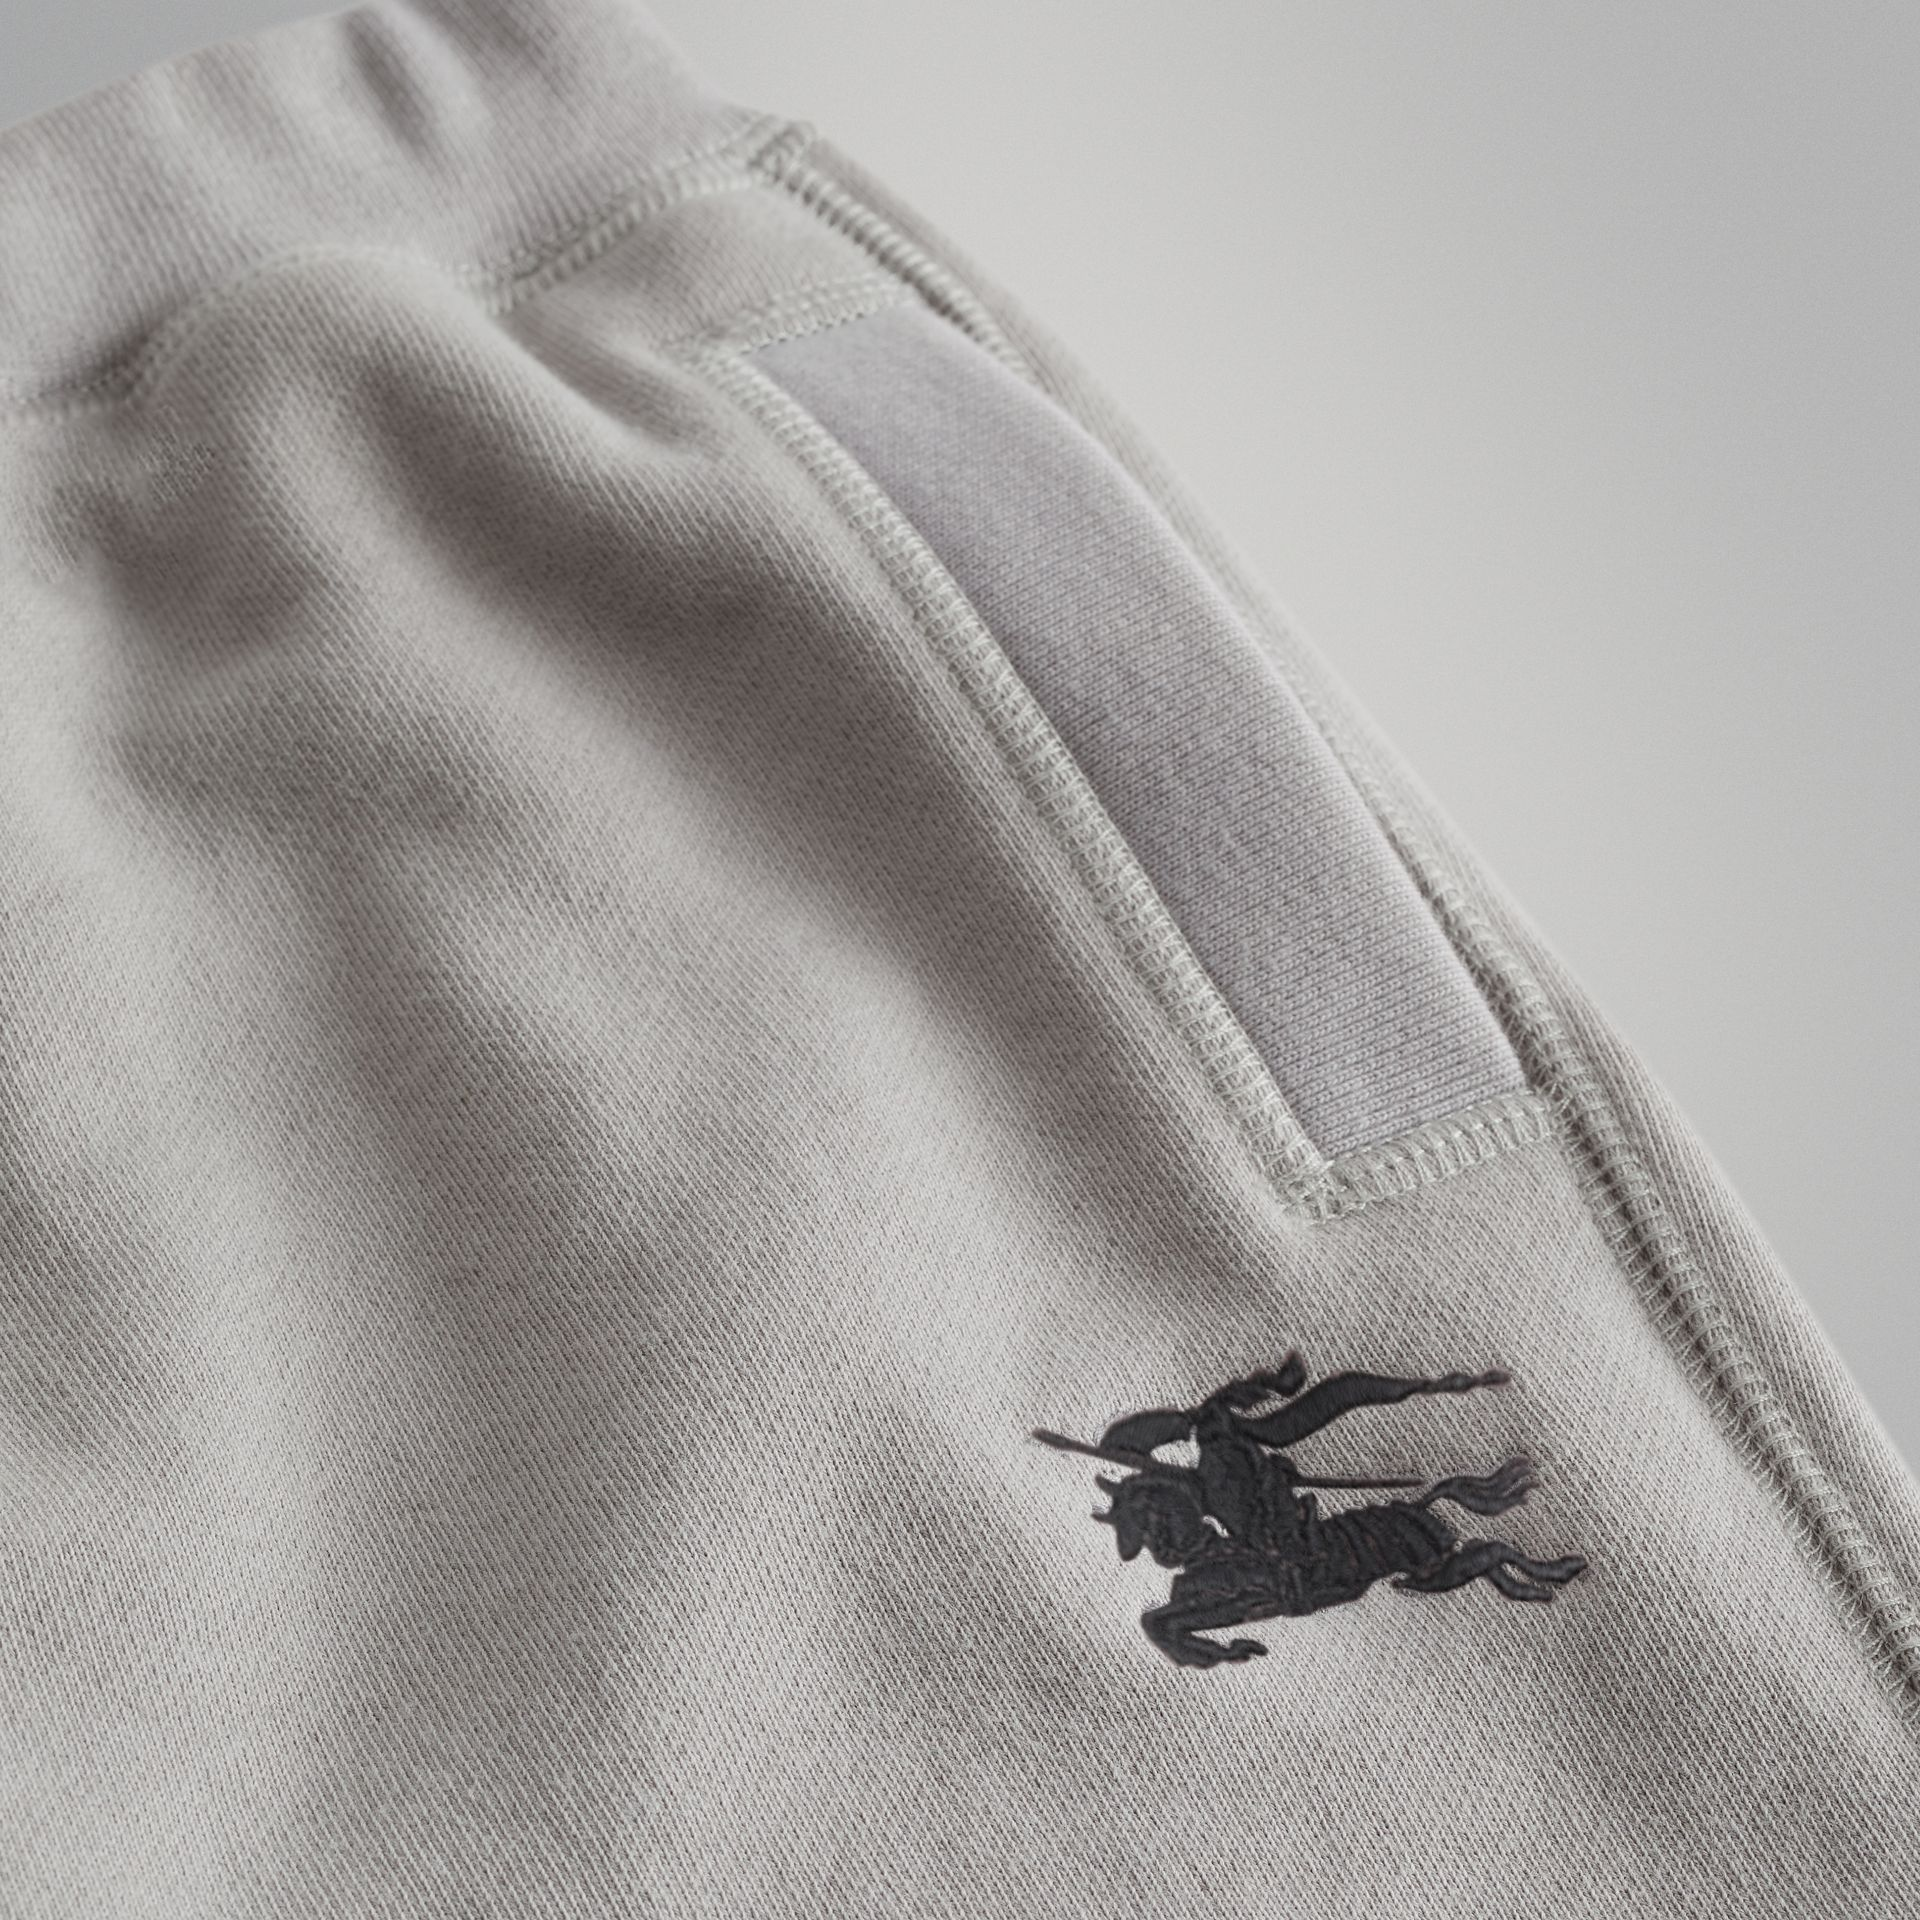 Pantalon de survêtement en jersey de coton (Camaïeu  Gris Craie) | Burberry - photo de la galerie 1